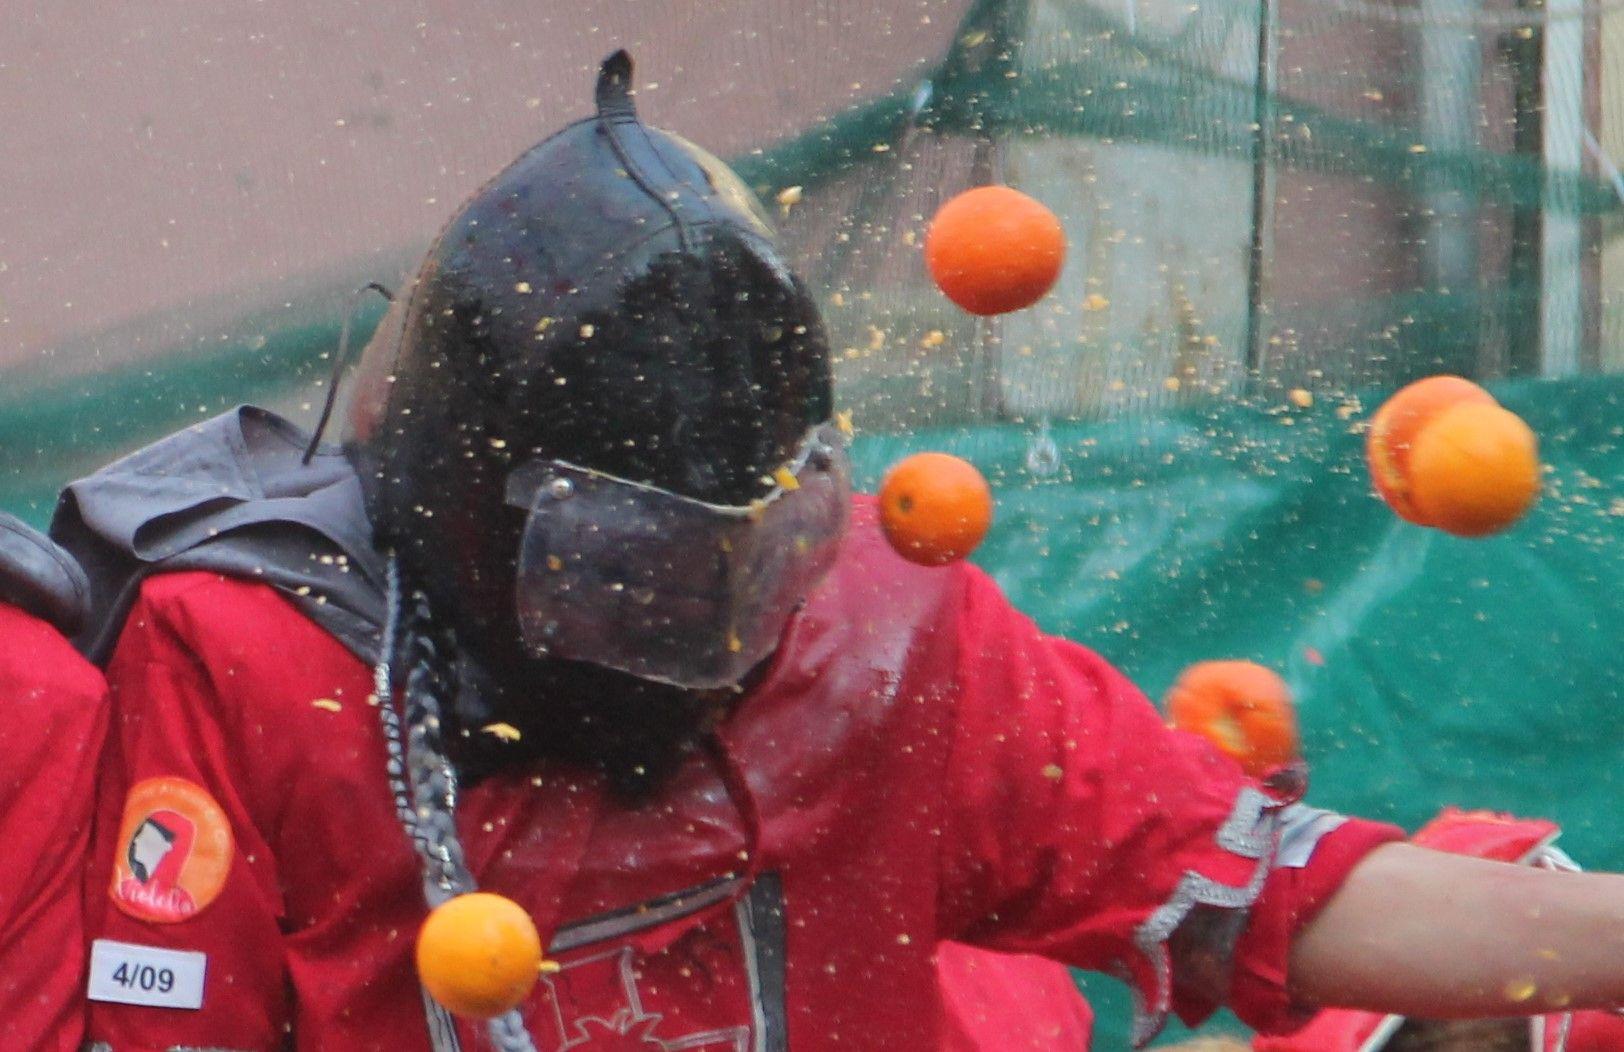 IVREA - Carnevale: la battaglia delle arance ai tempi del coronavirus diventa un cortometraggio - VIDEO